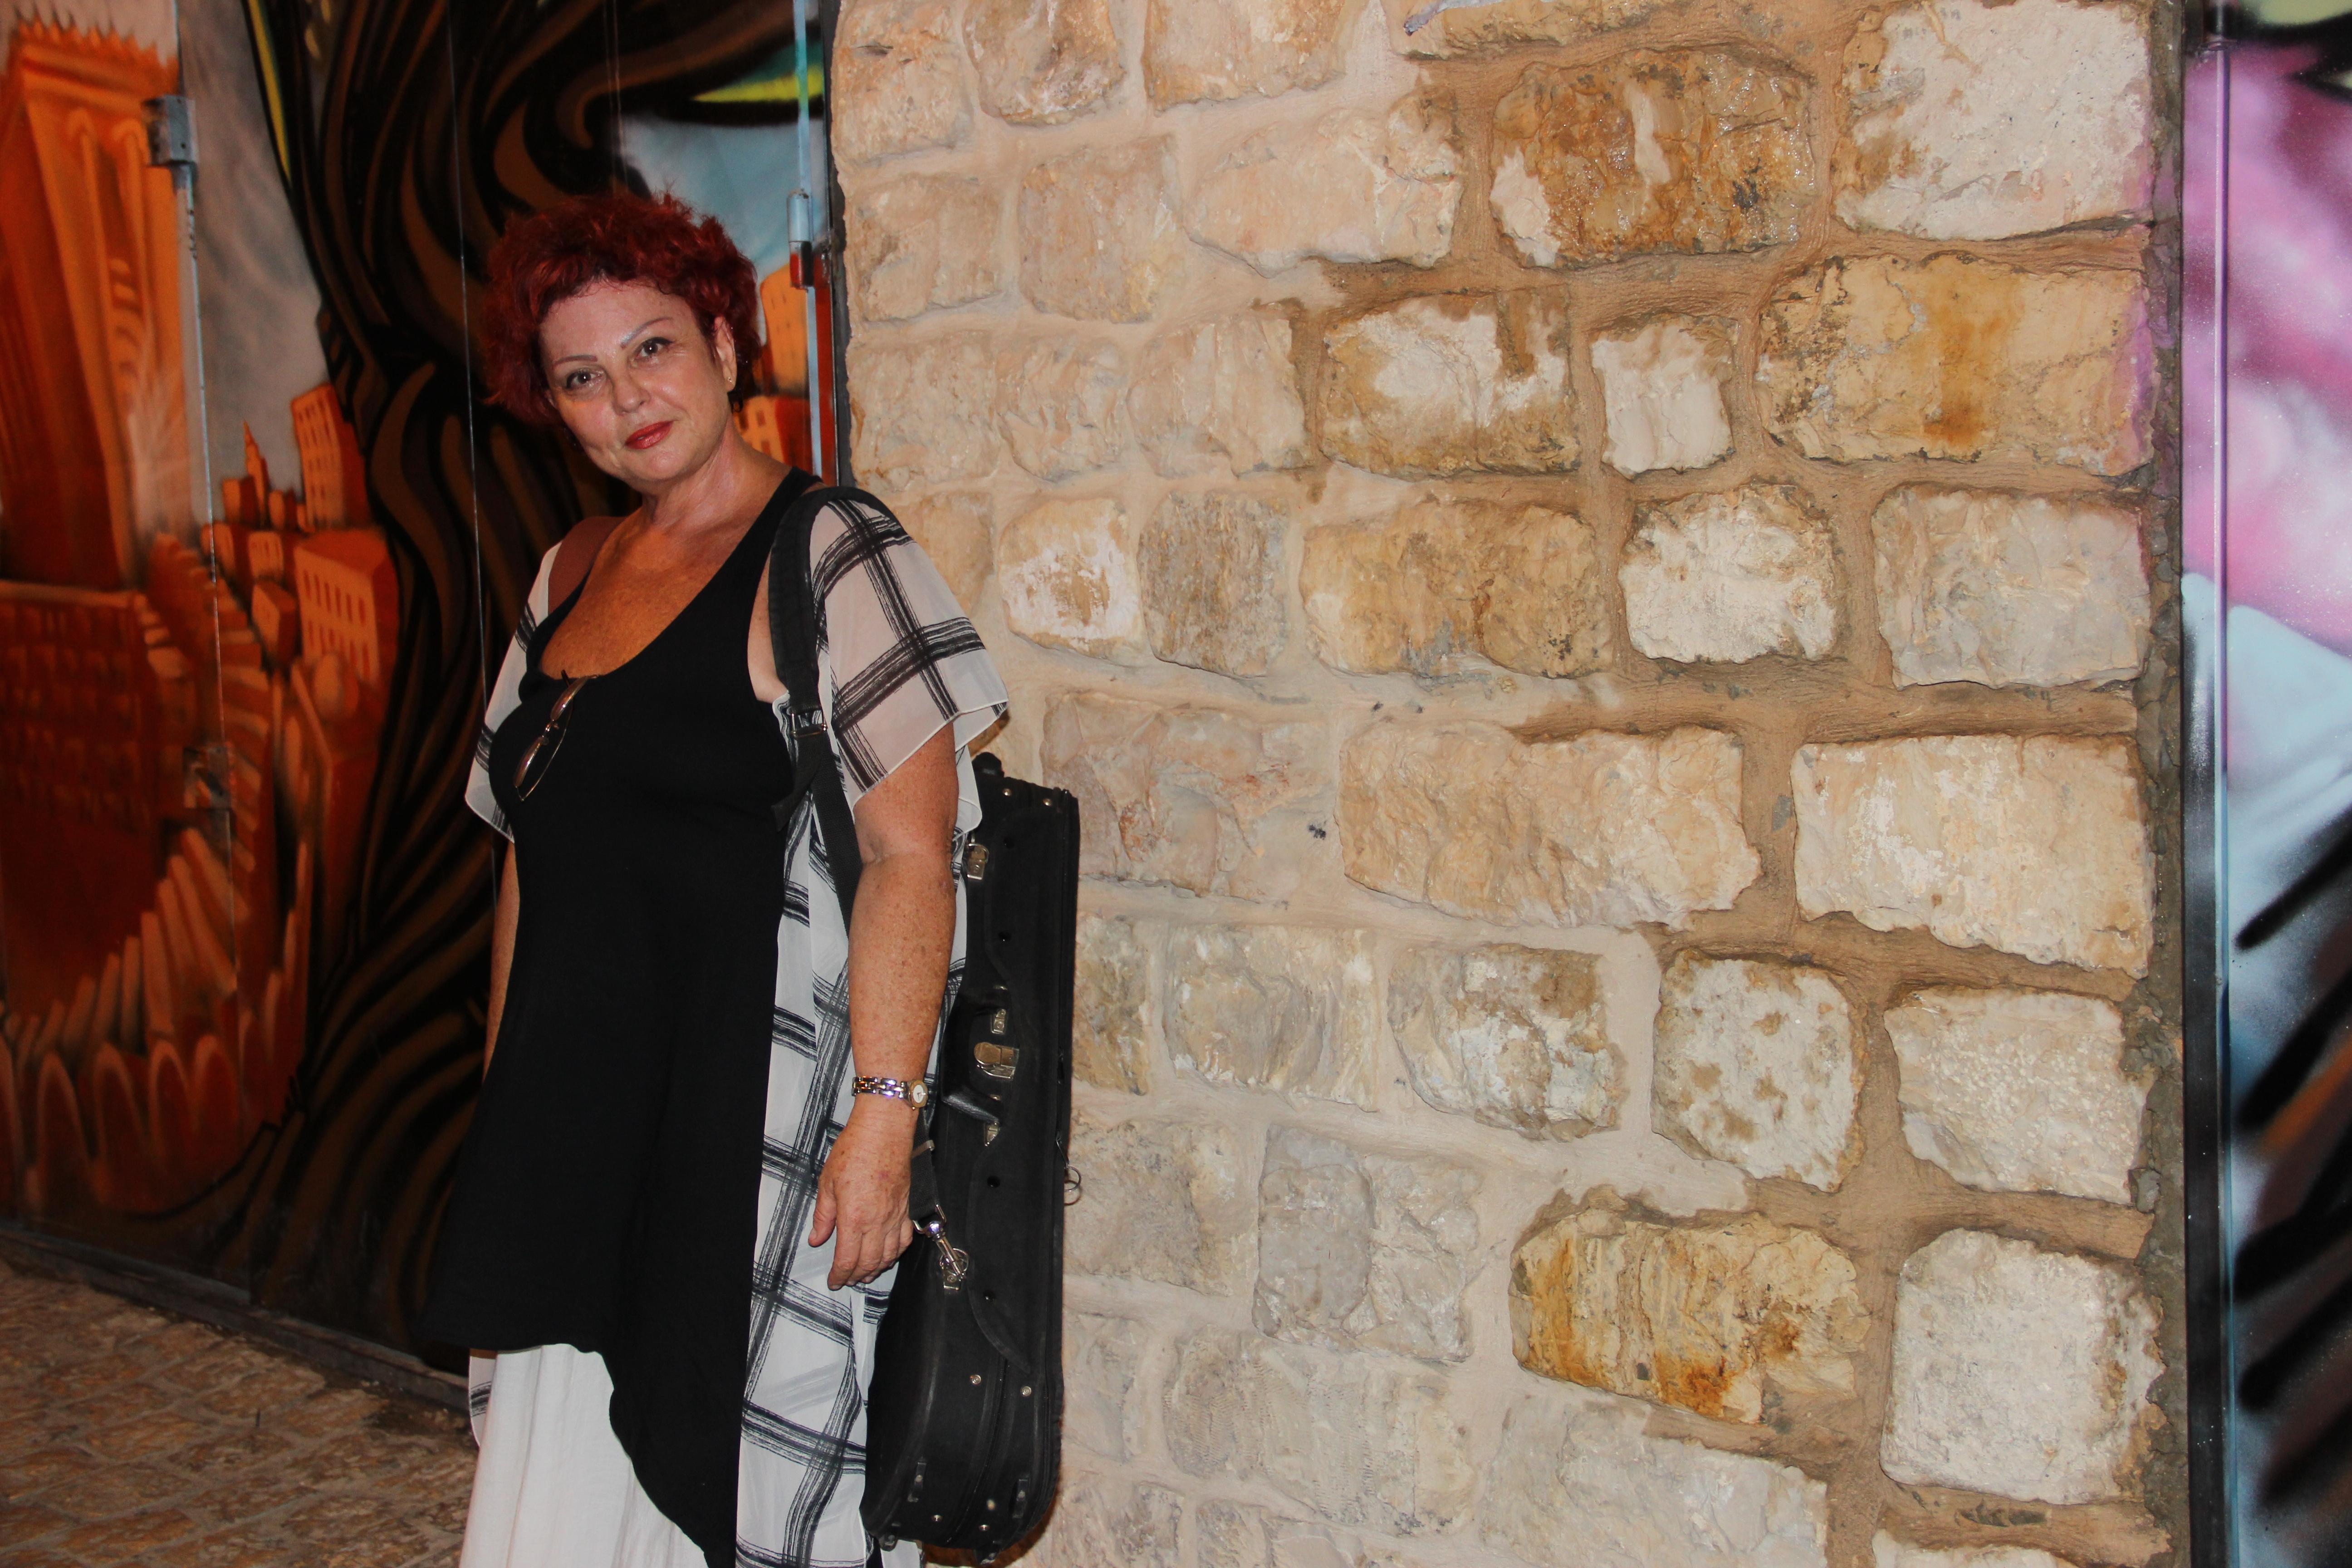 פסטיבל הכליזמרים הבינלאומי בצפת פותח את העשור הרביעי